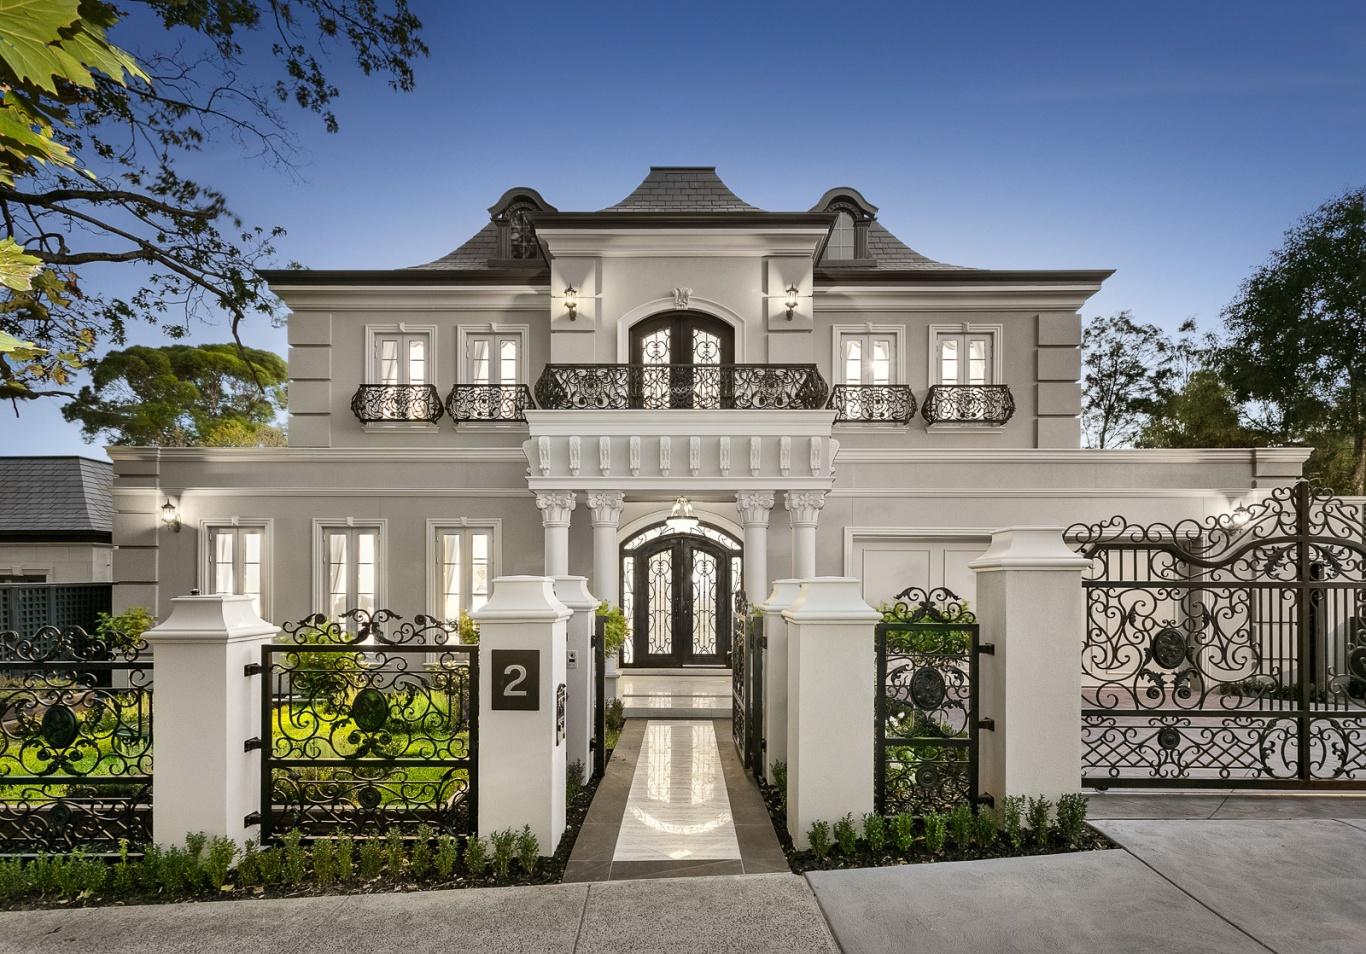 6-thiết kế biệt thự phong cách tân cổ điển